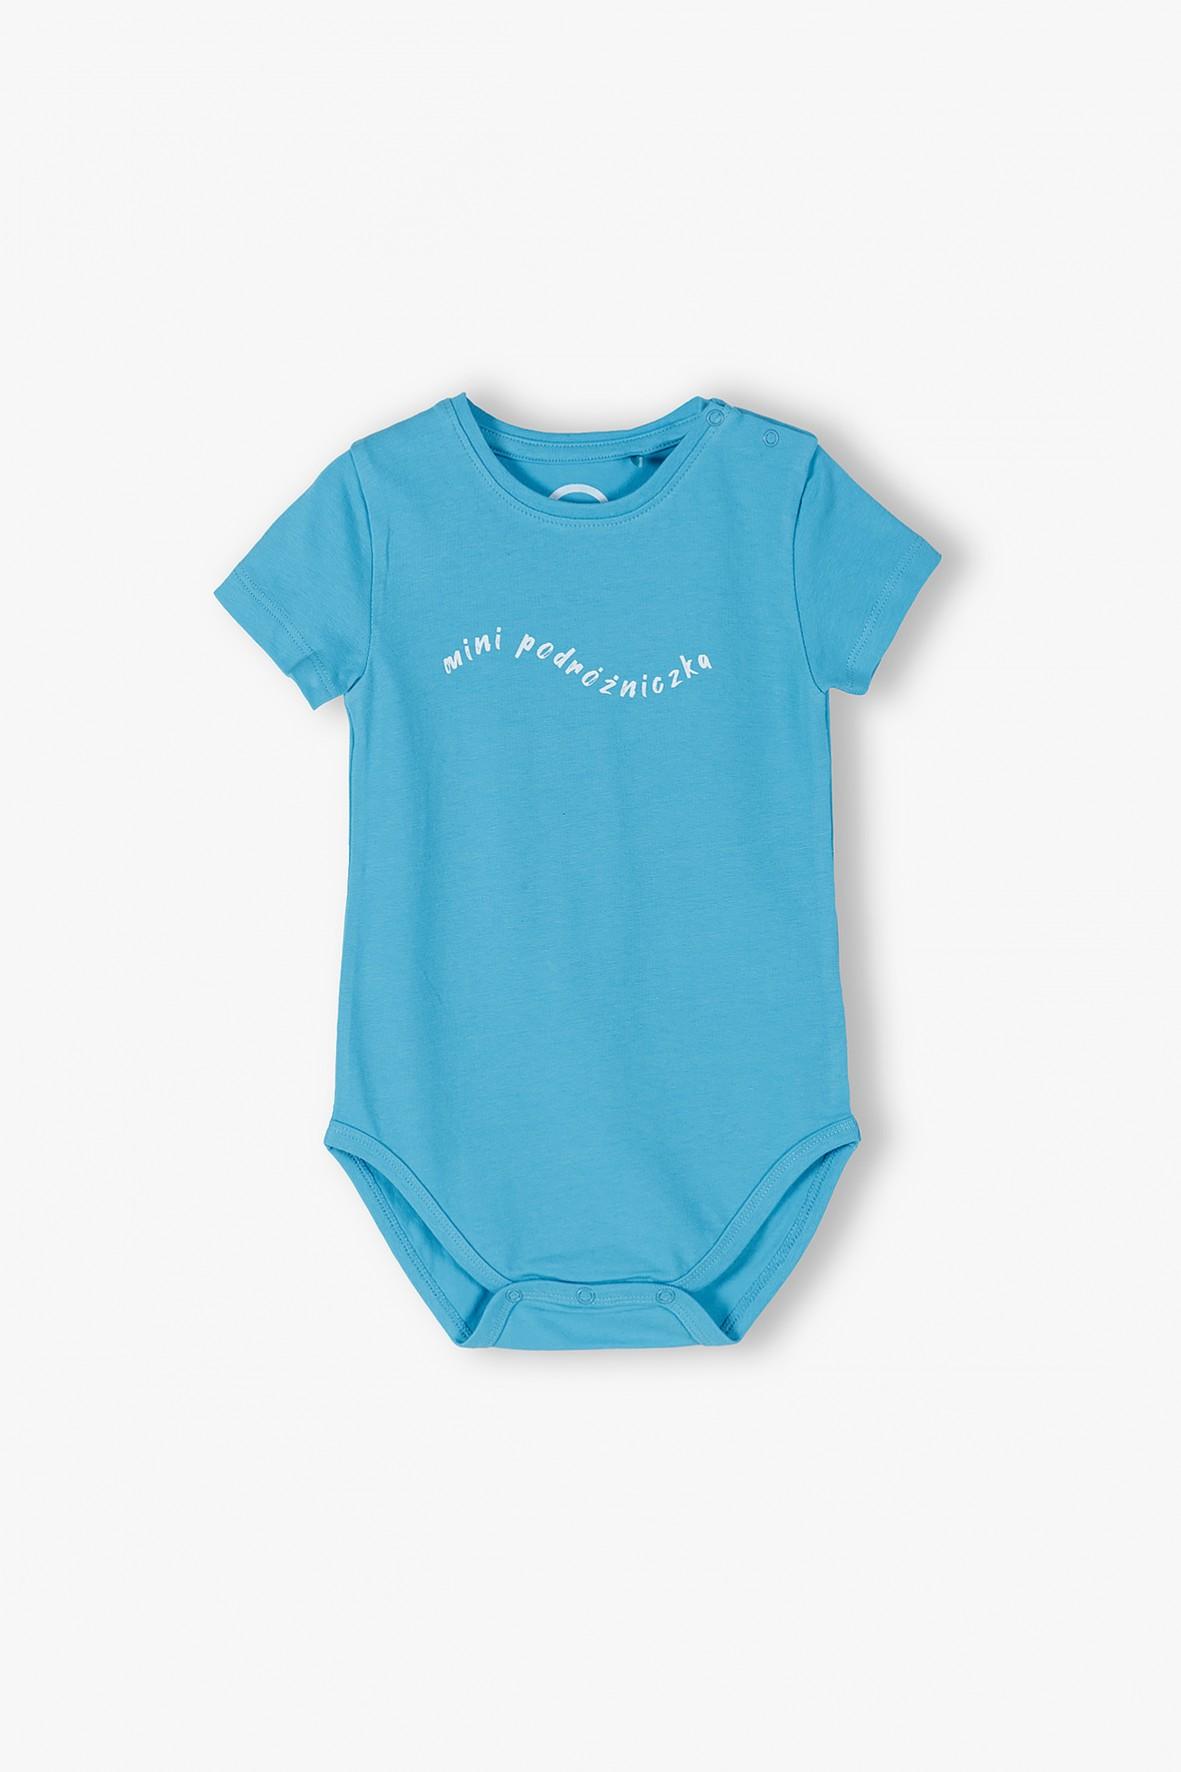 Niebieskie body niemowlęce z napisem Mini Podróżniczka